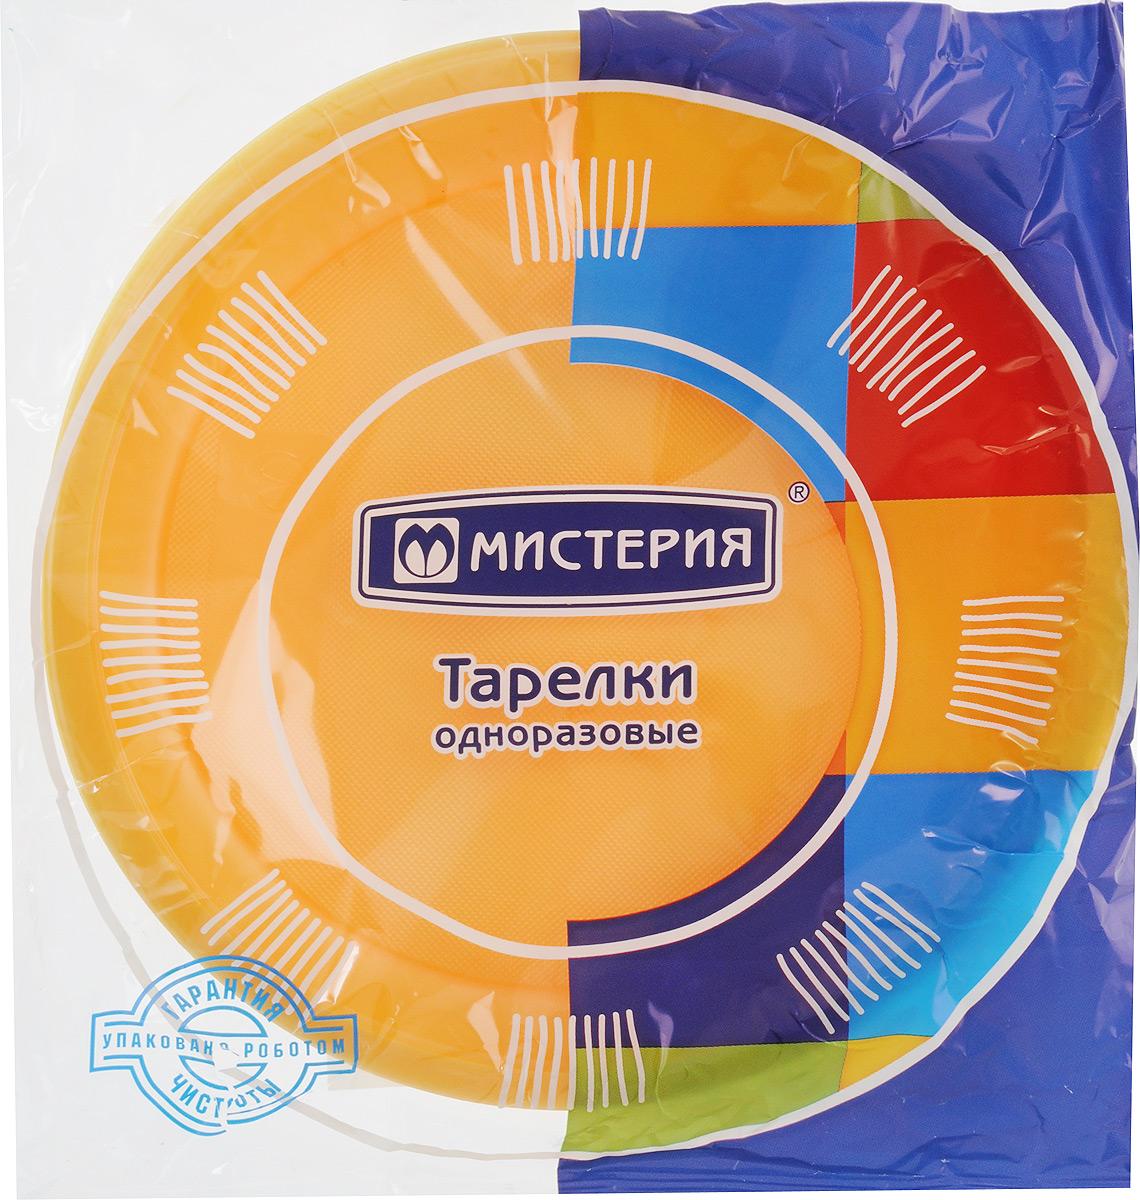 """Набор одноразовых тарелок """"Мистерия"""", цвет: желтый, диаметр 21 см, 12 шт. 183210"""